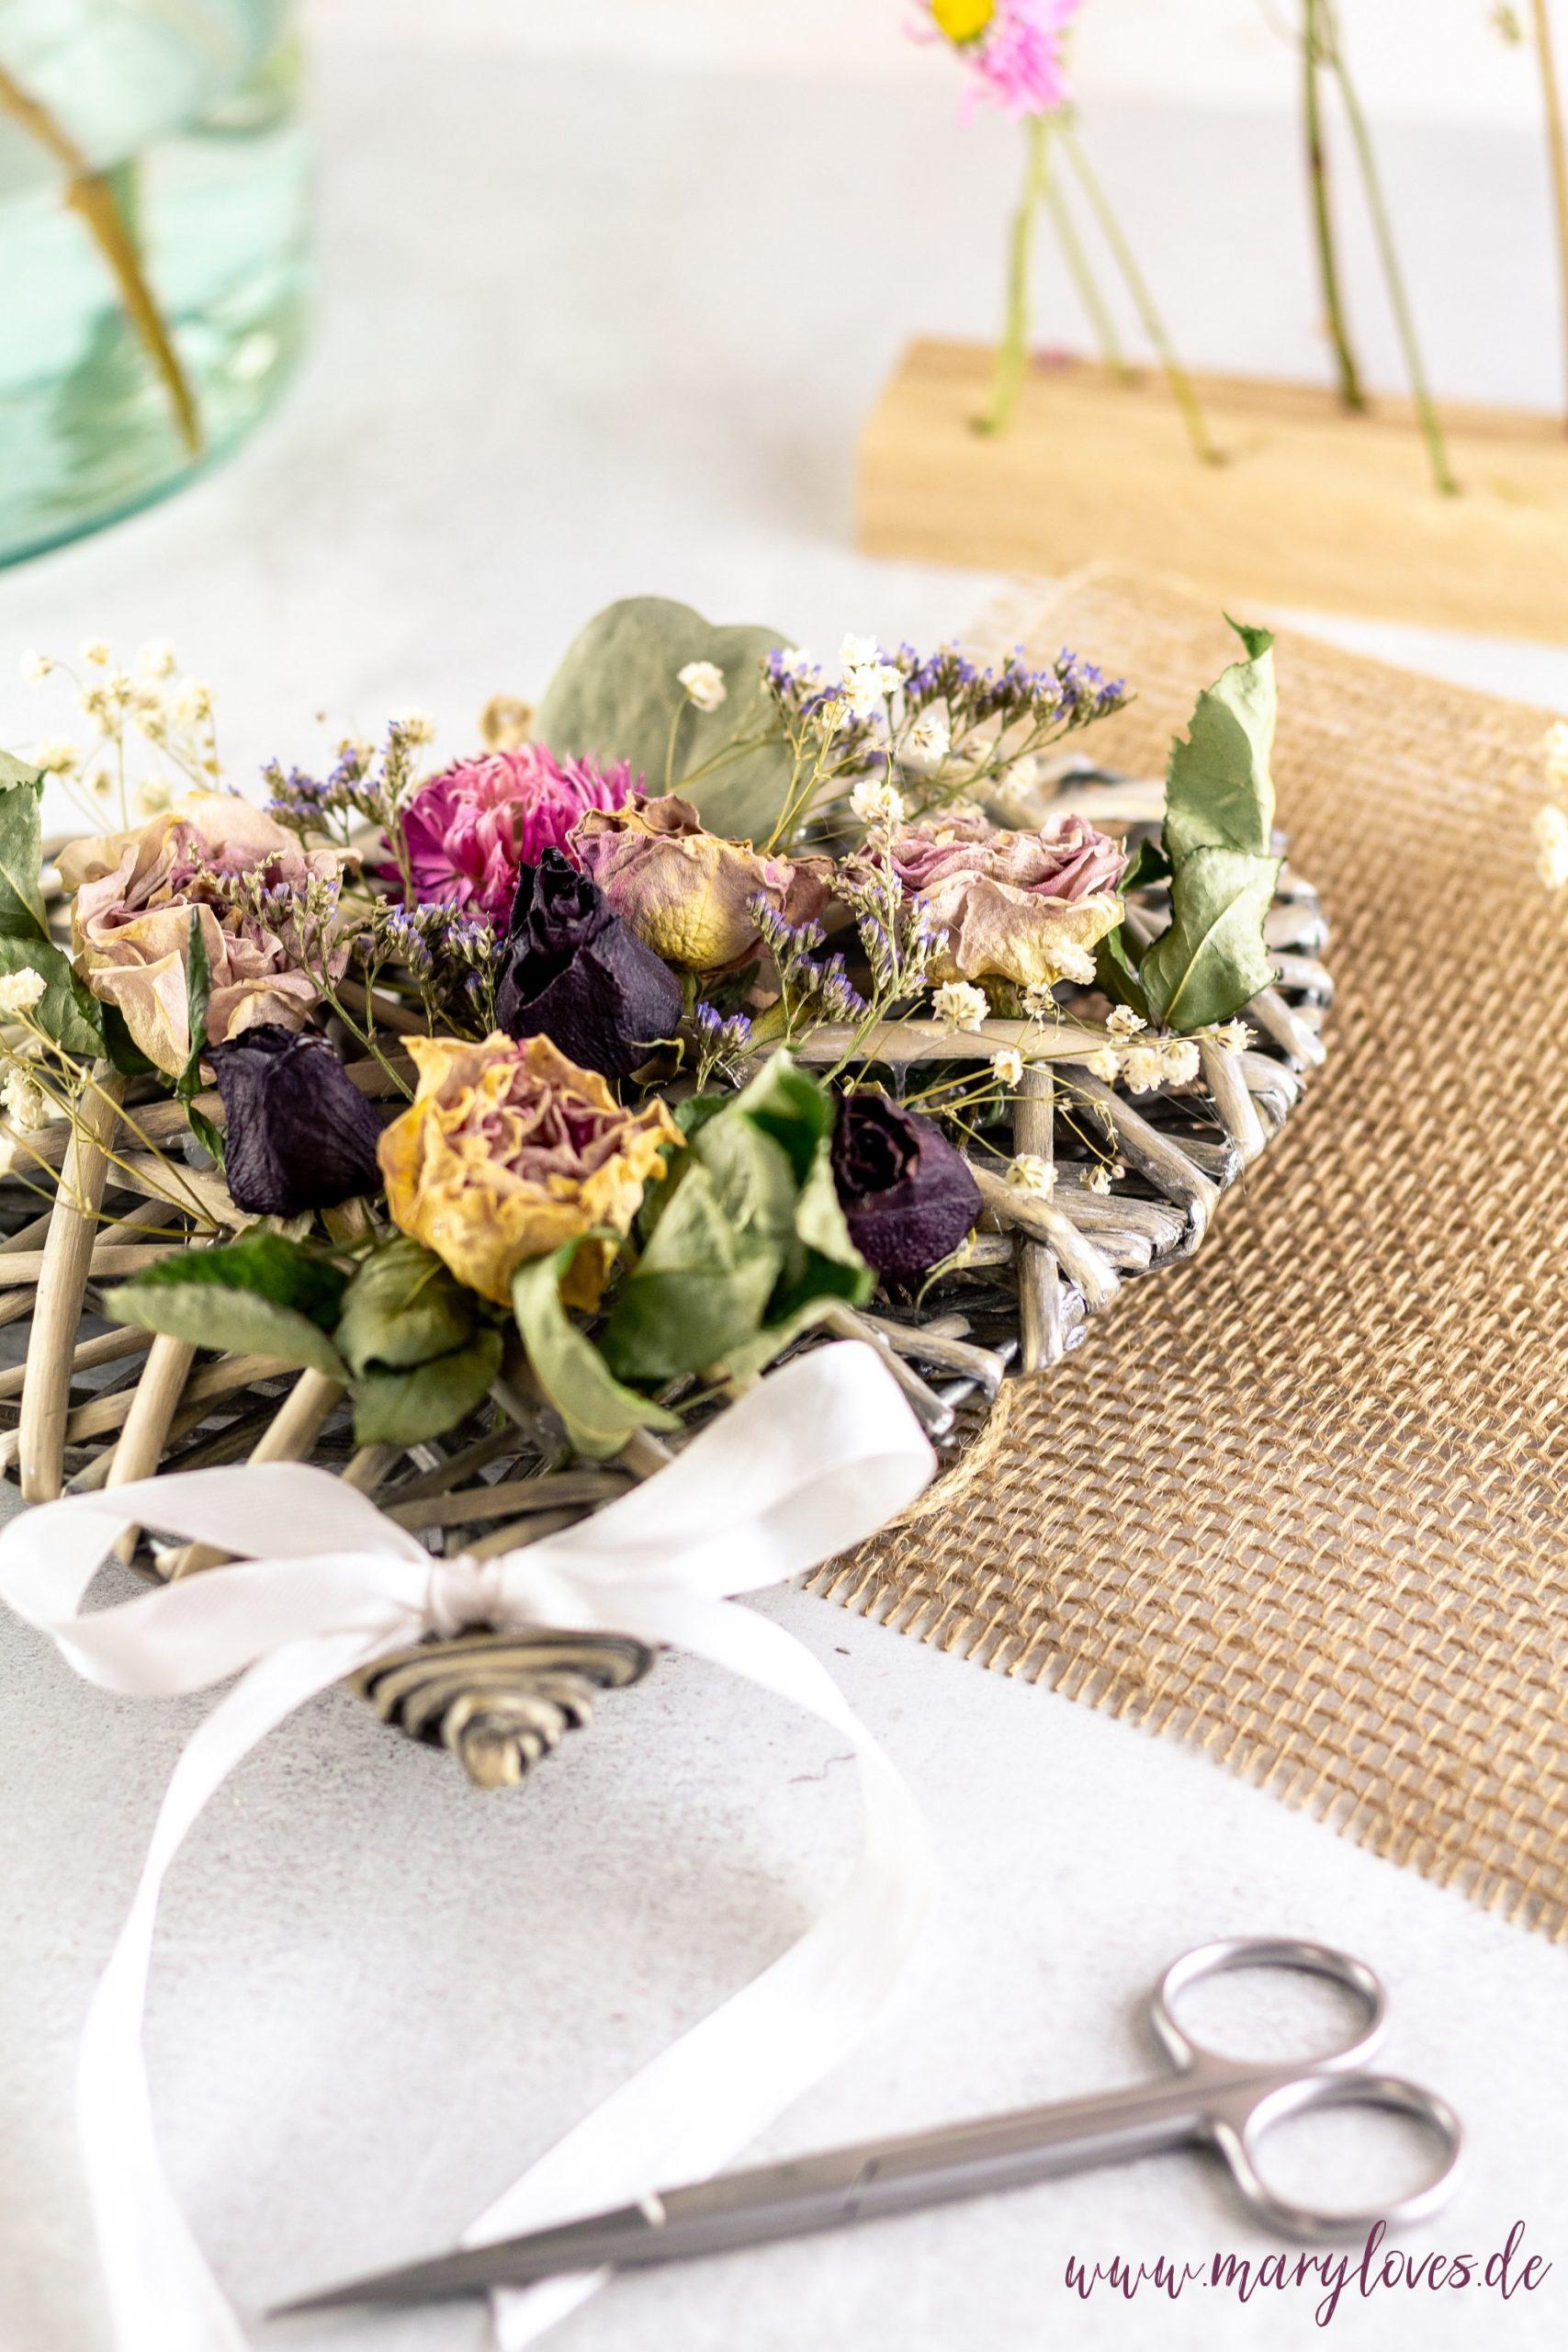 DIY-Dekoherz mit getrockneten Blumen als Geschenkidee zum Muttertag